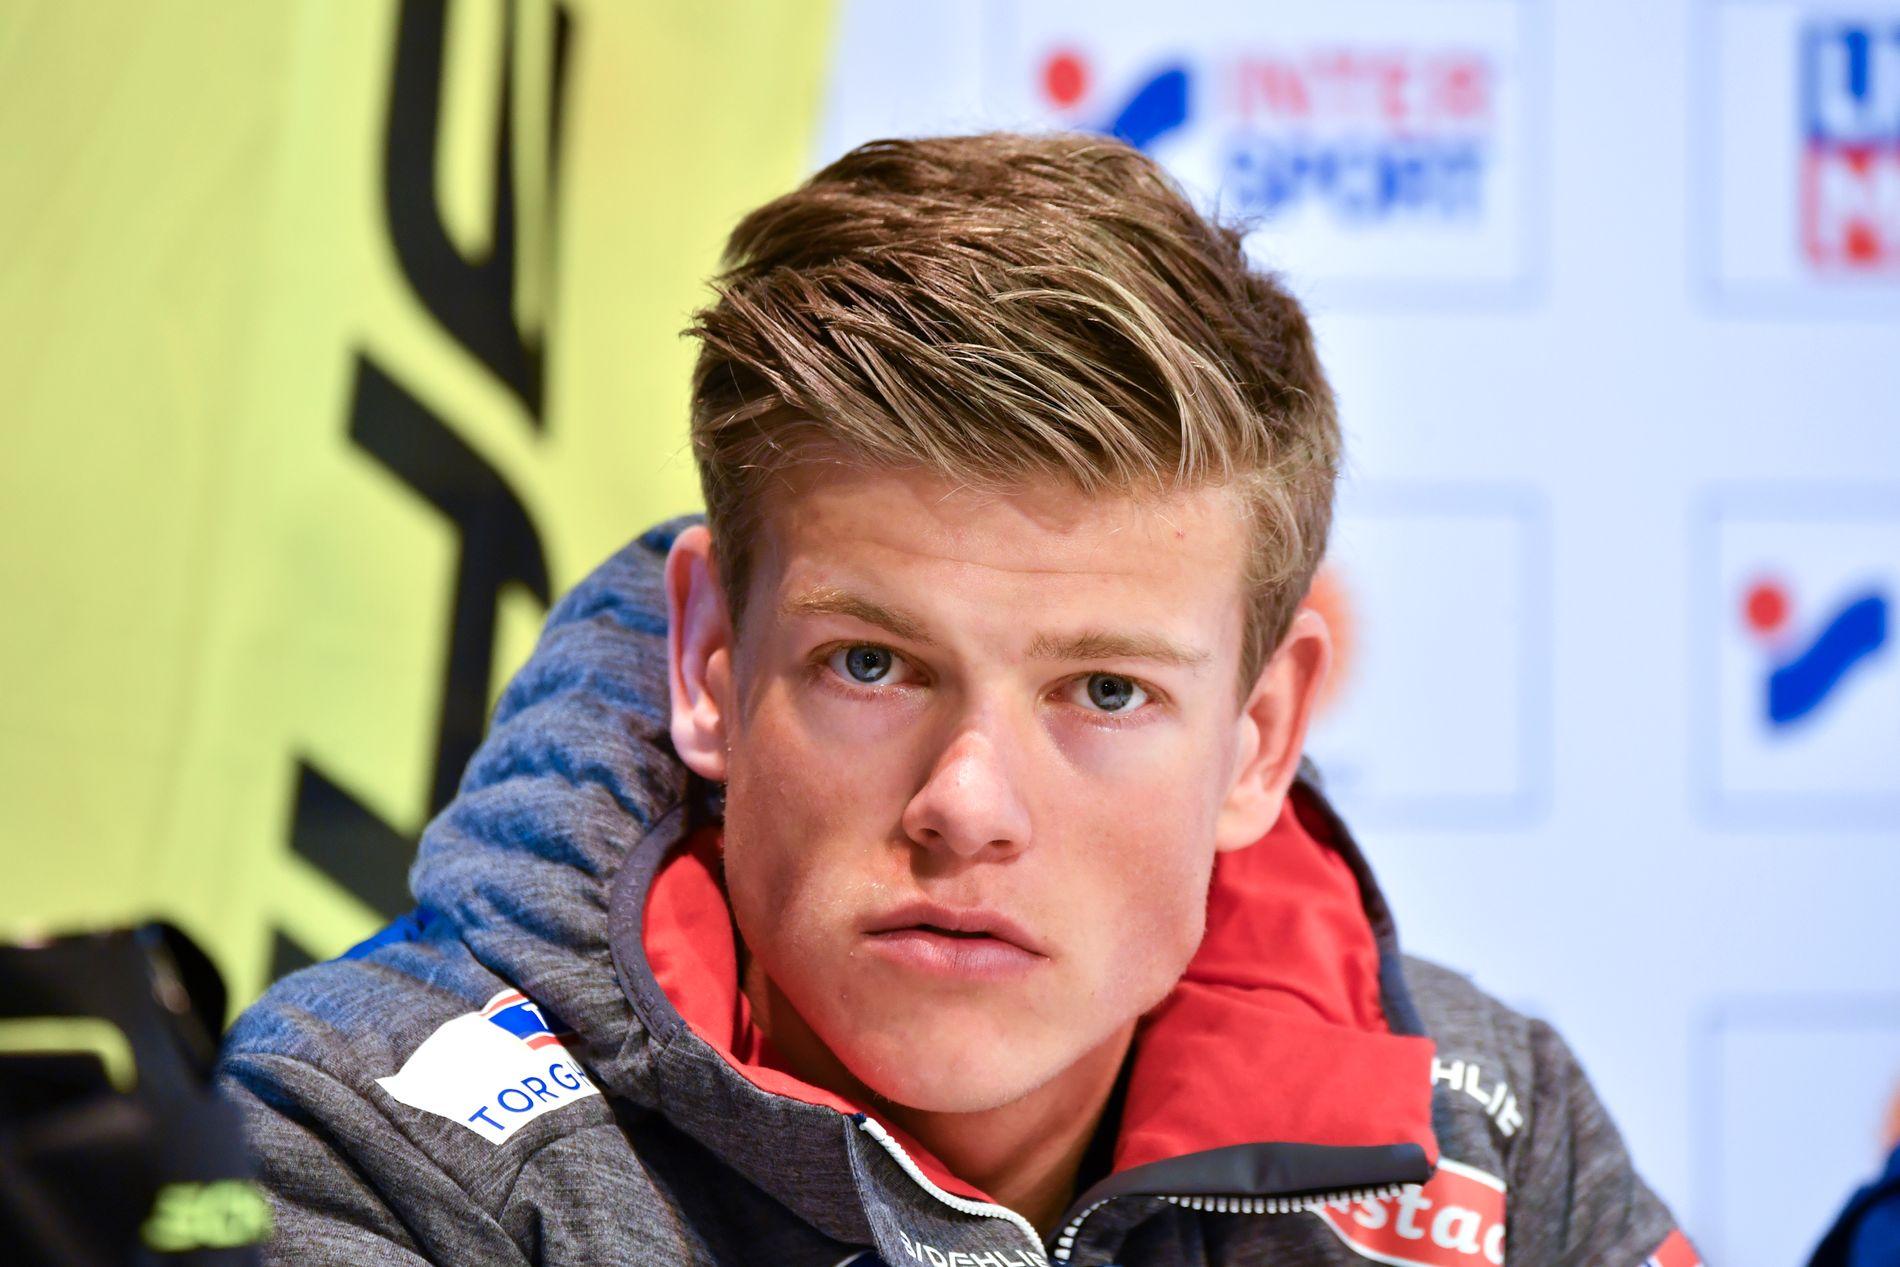 VANT: Johannes Høsflot Klæbo vant verdenscupen sammenlagt forrige sesong. Her fra en Fisher-pressekonferanse i februar.